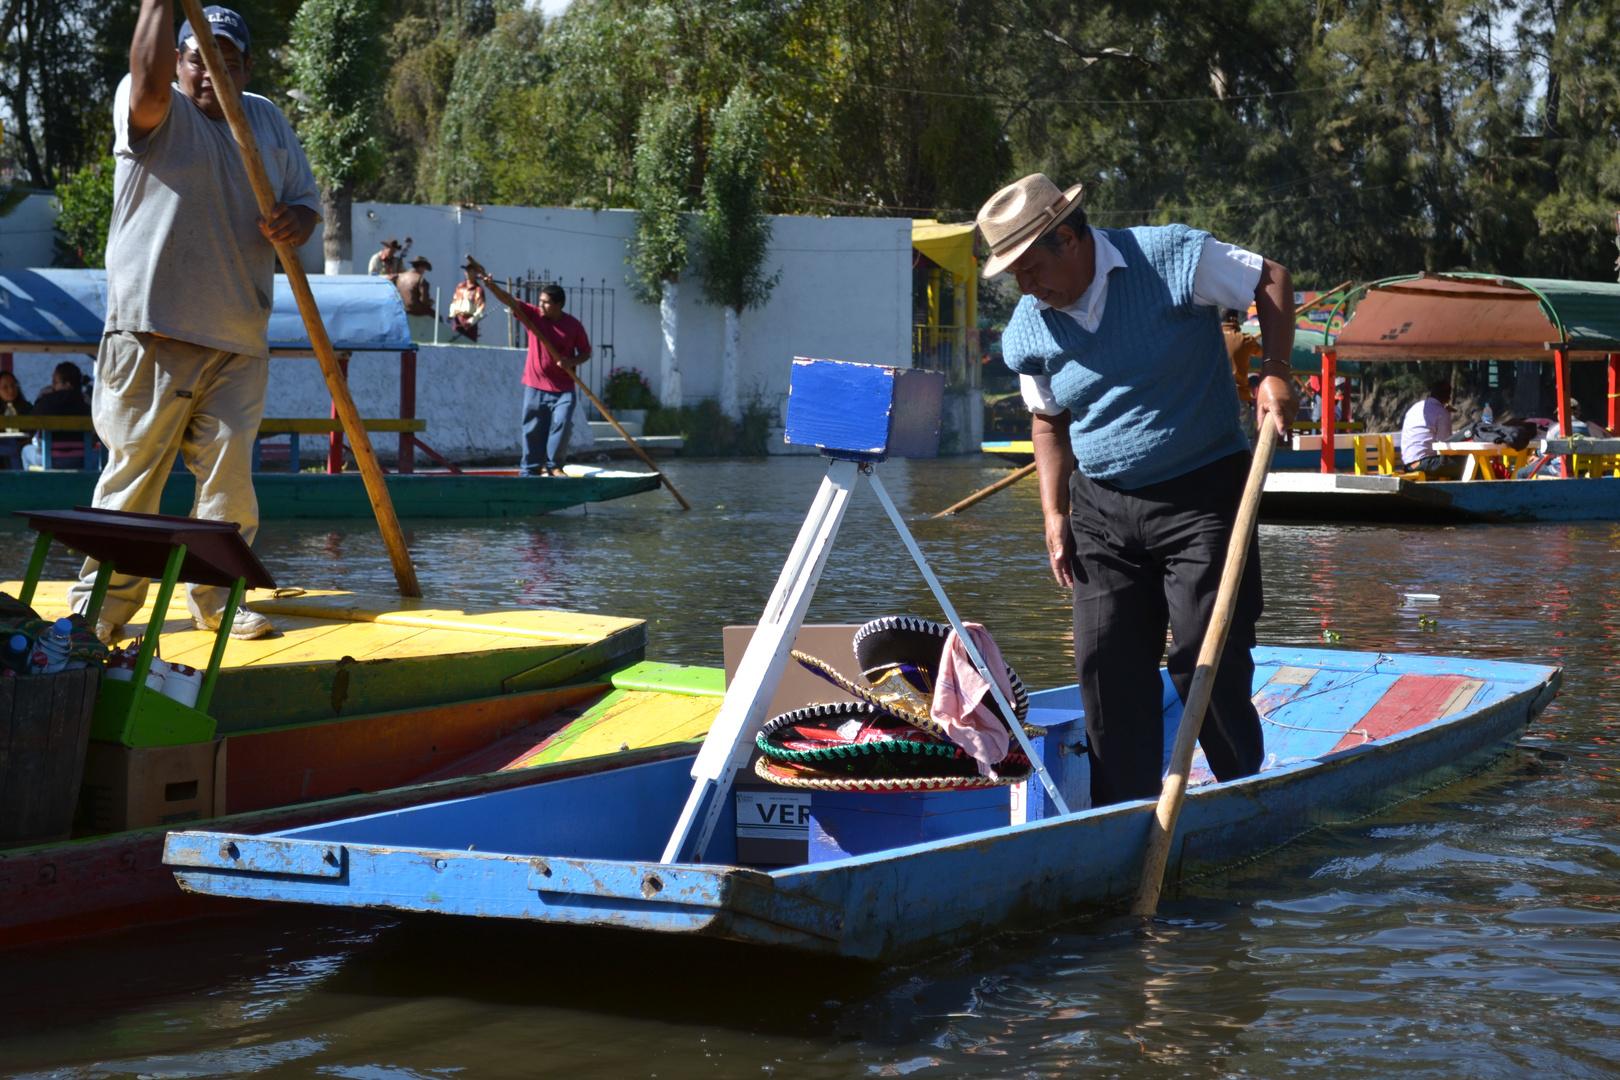 FOTOGRAFIA DE CANAL